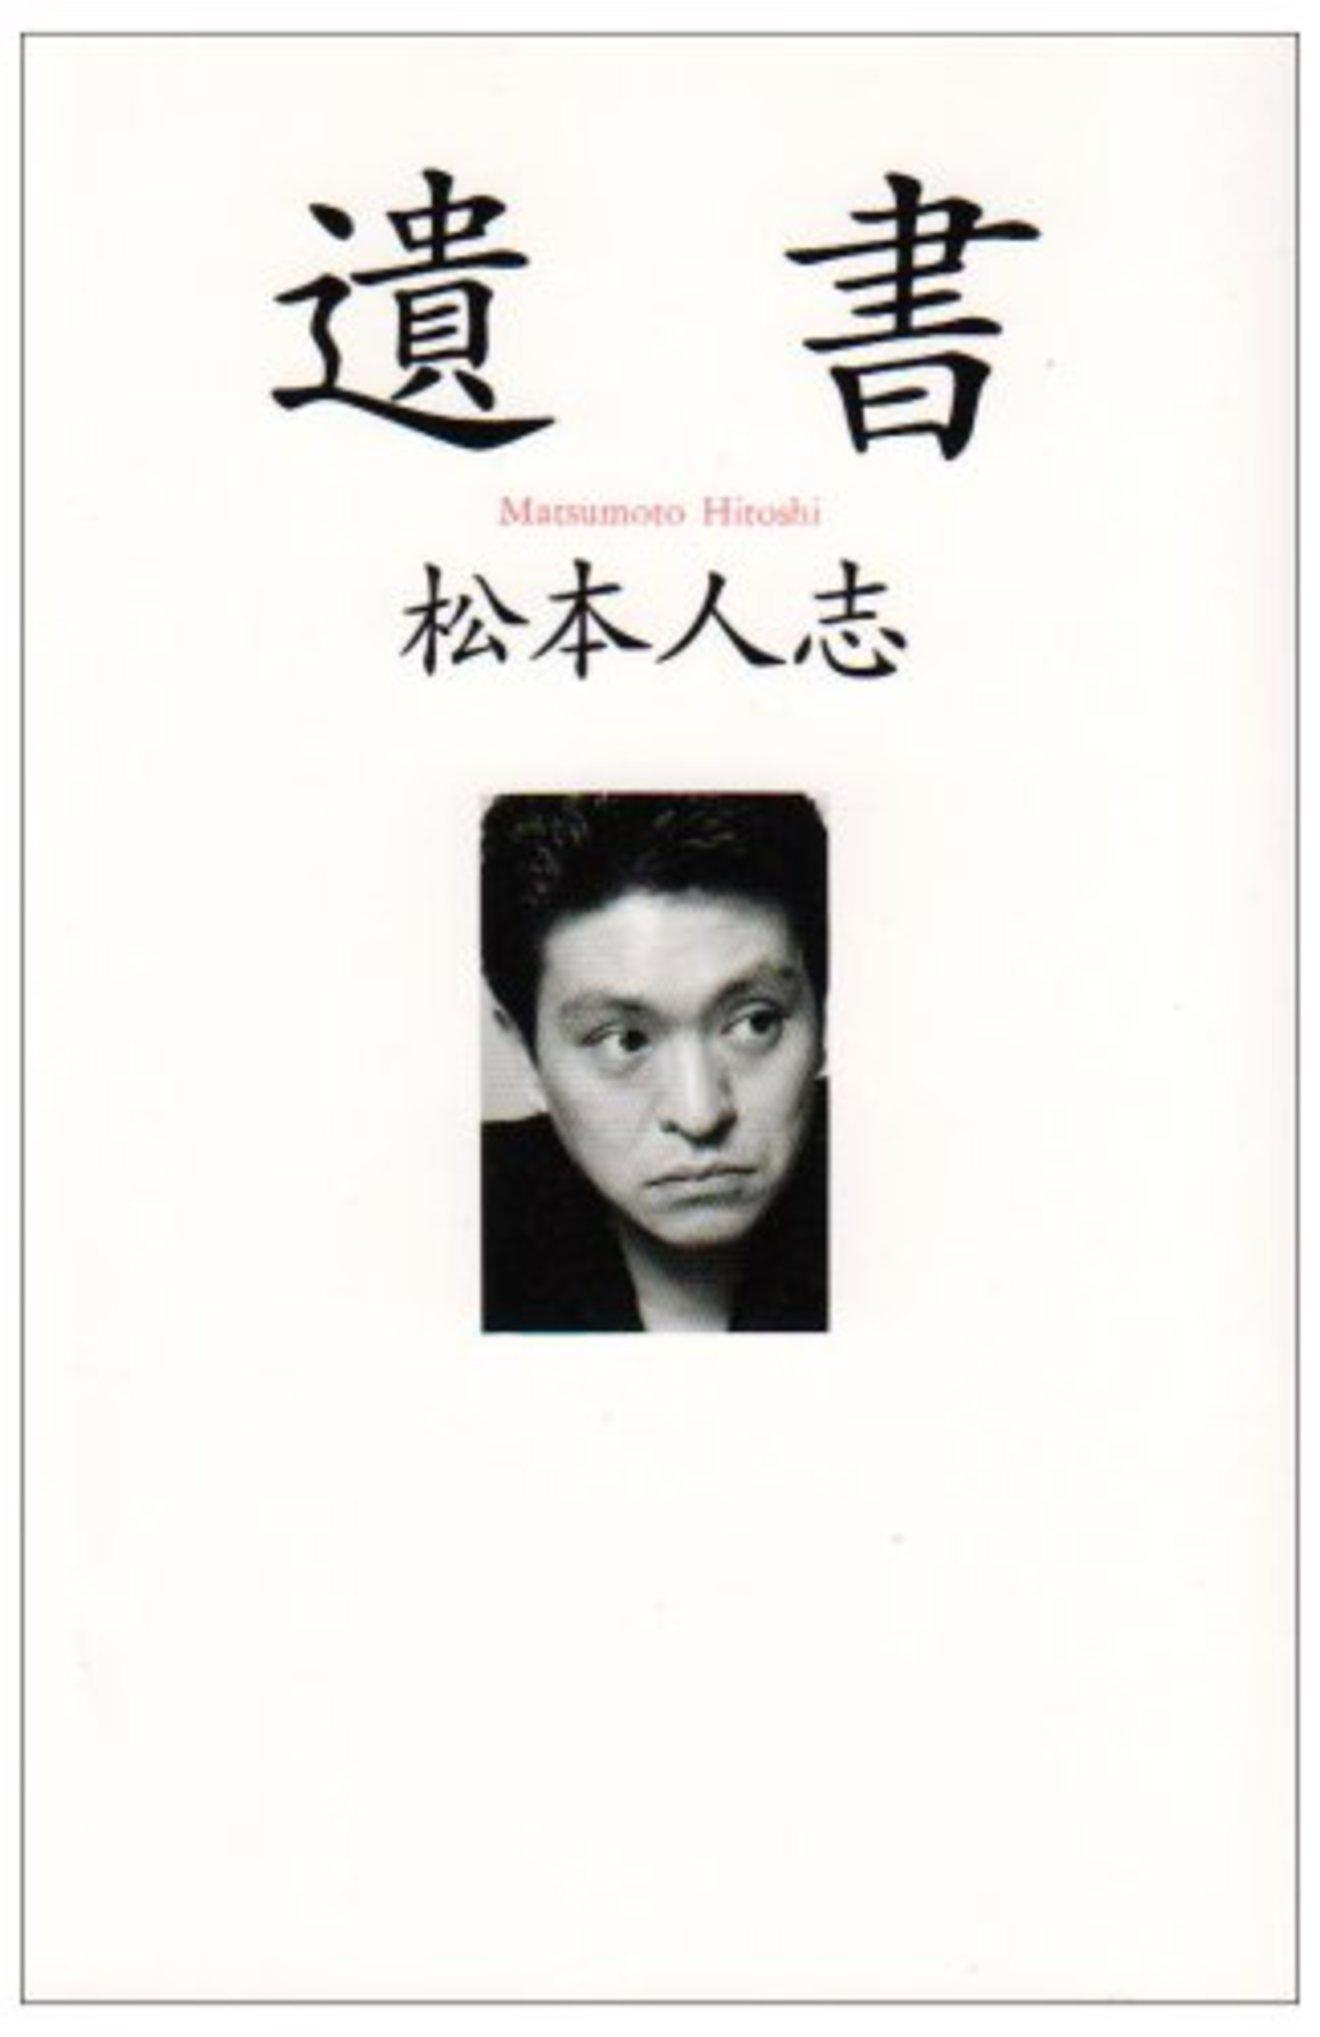 松本人志おすすめ本5選!230万部のベストセラー『遺書』!